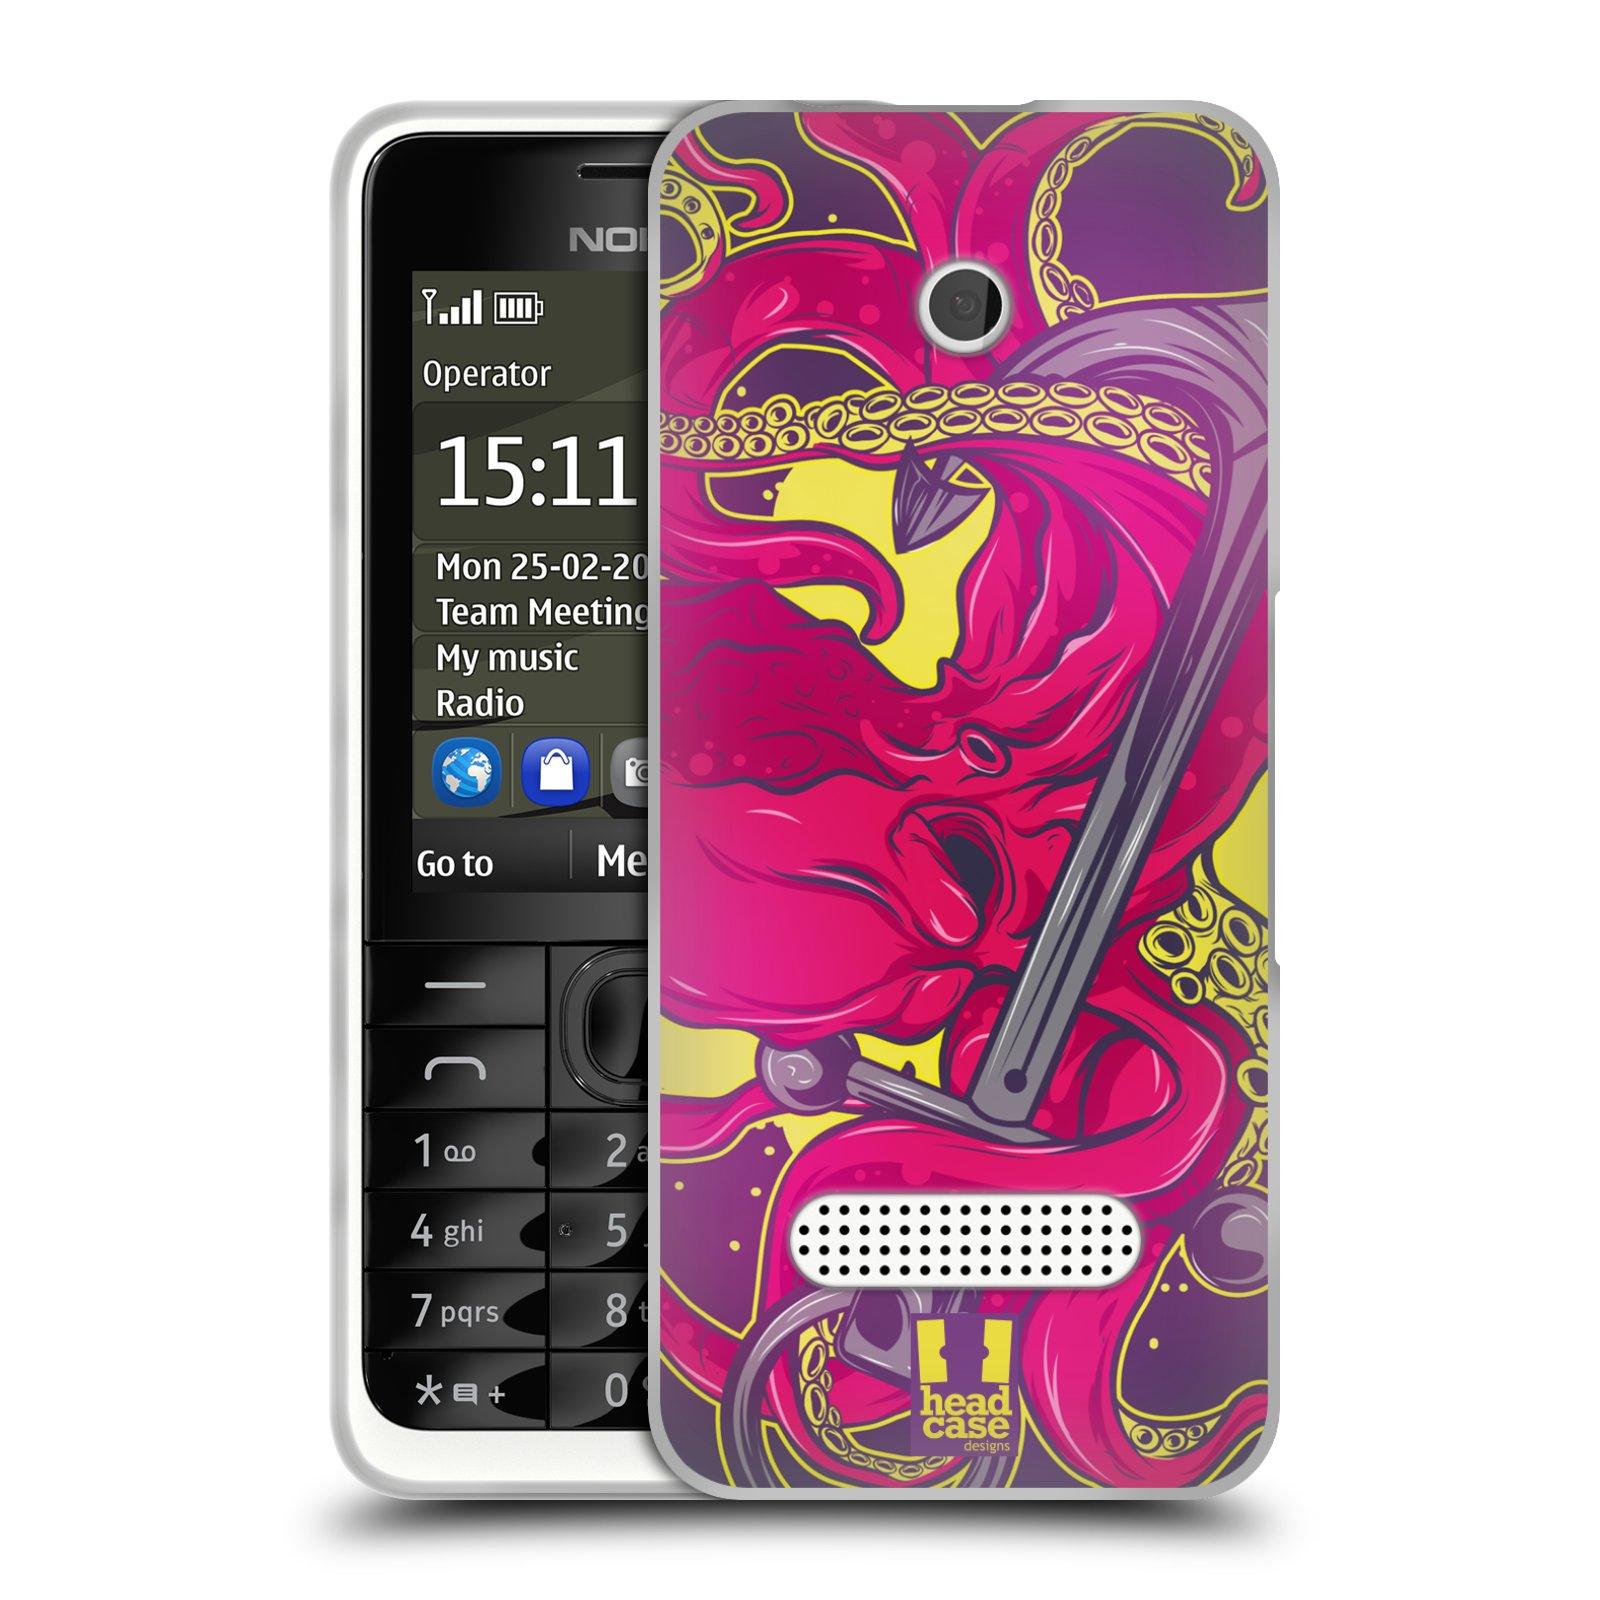 HEAD CASE silikonový obal na mobil NOKIA 301 vzor mořská monstra chobotnice